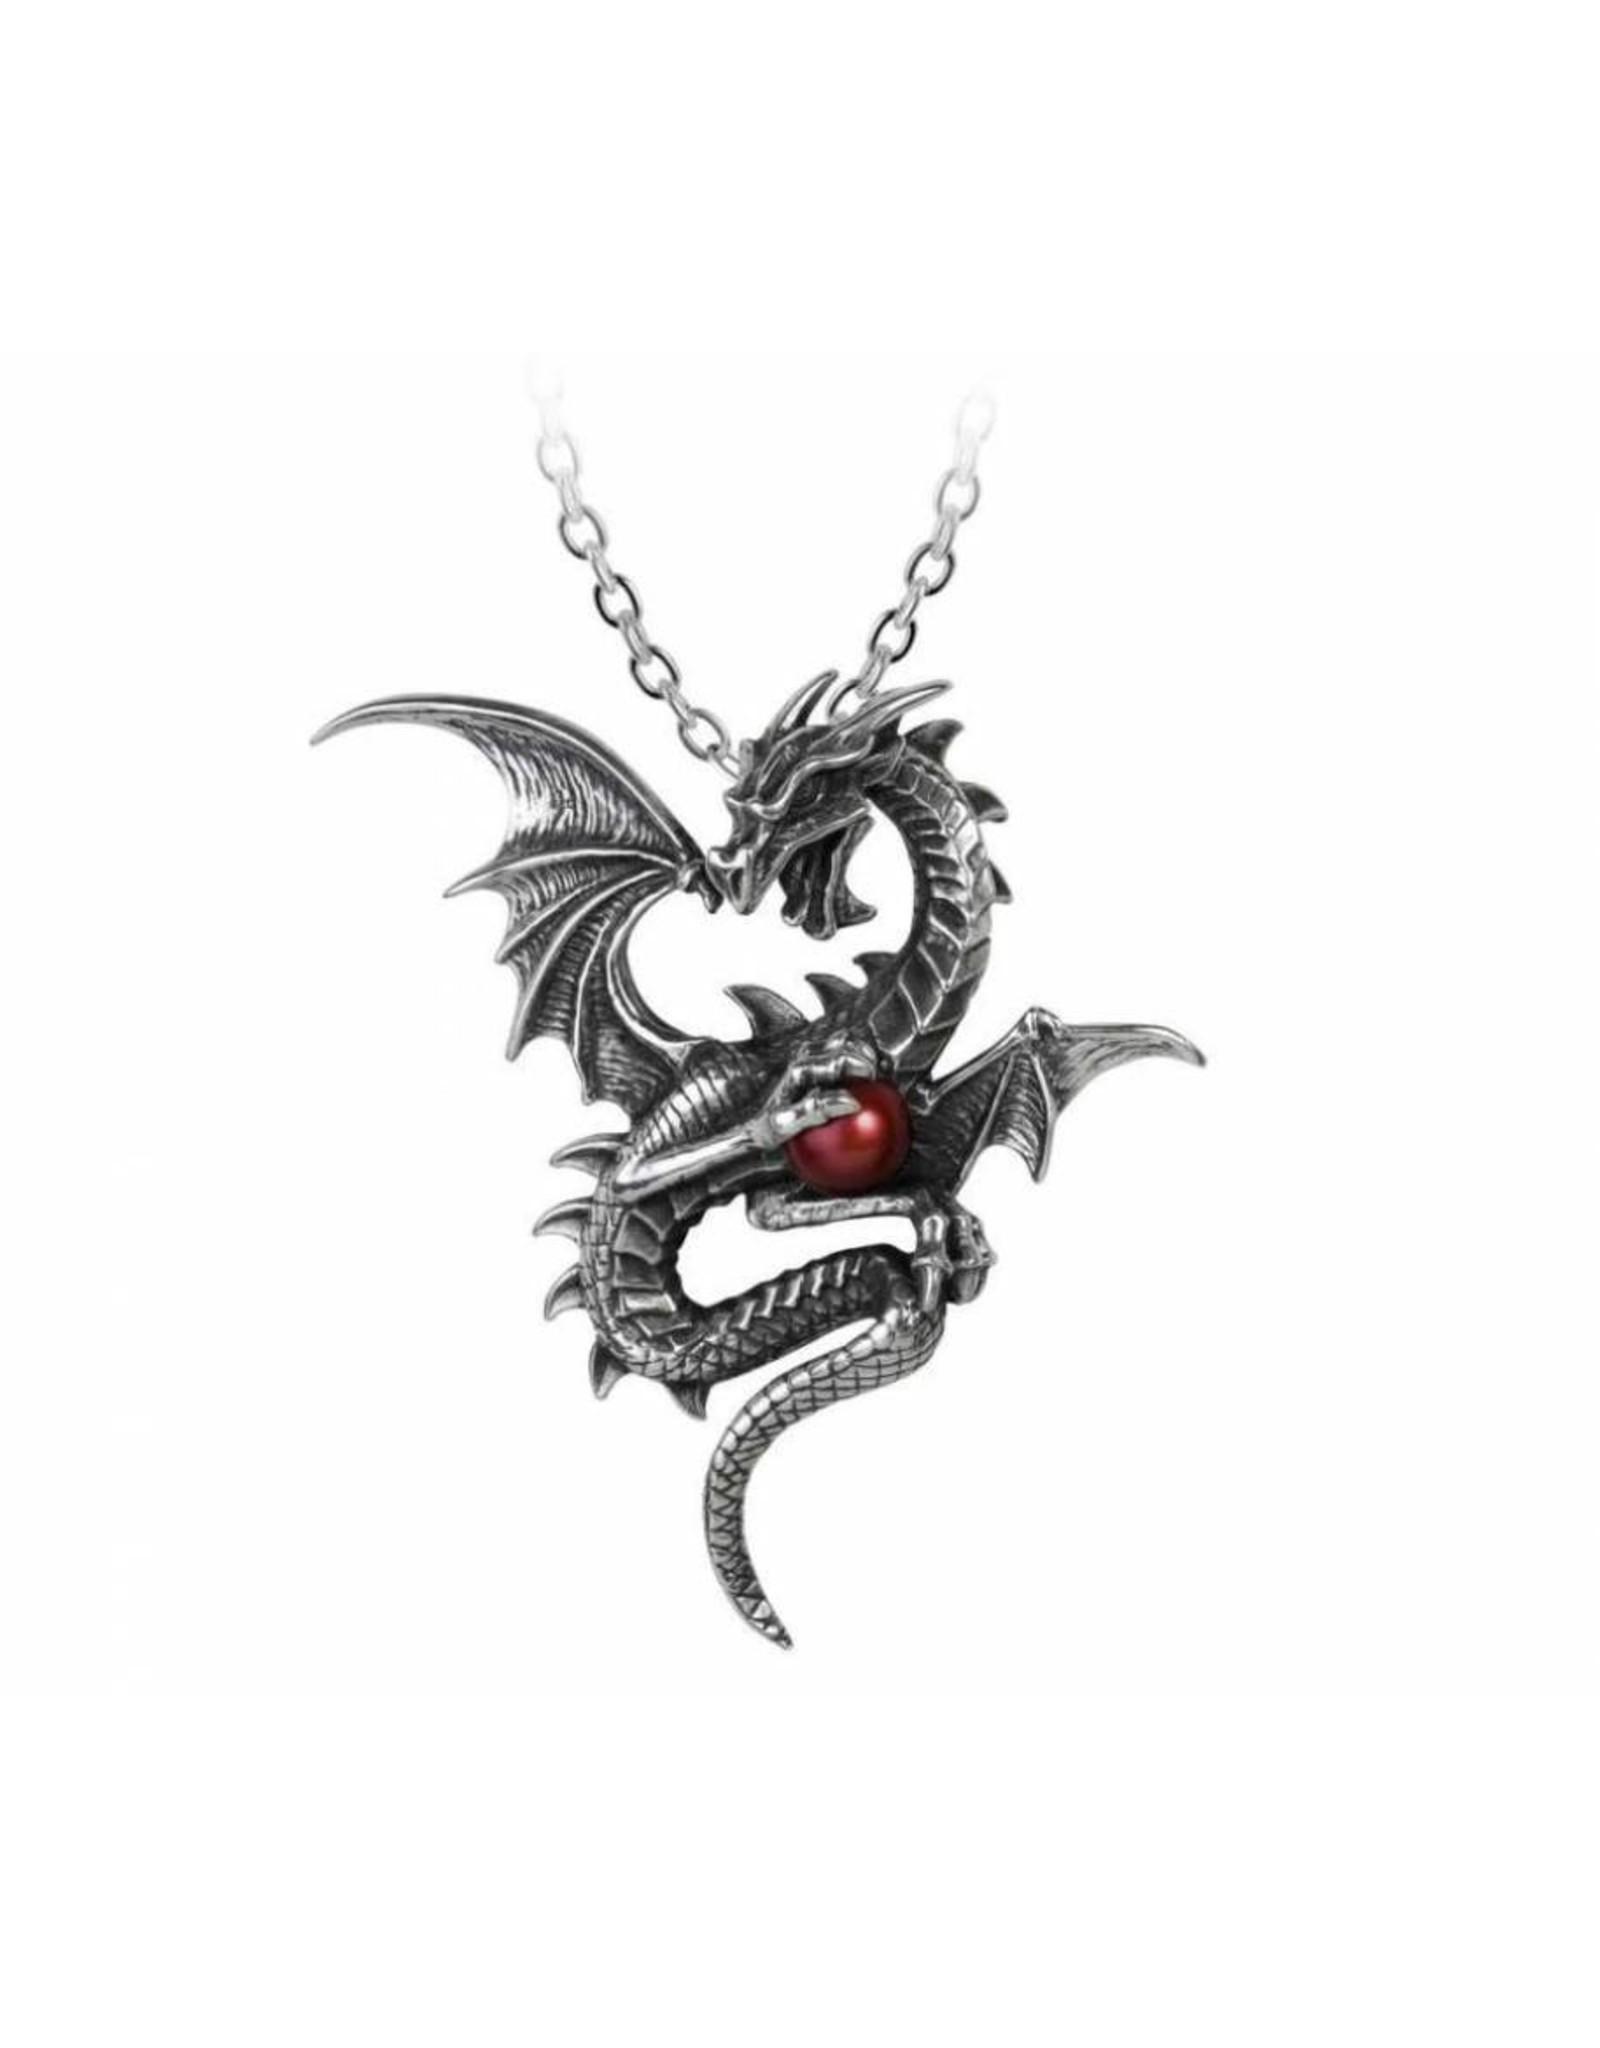 Alchemy Gothic jewellery Steampunk jewellery -  Dragon necklace Aethera Draconem - Alchemy